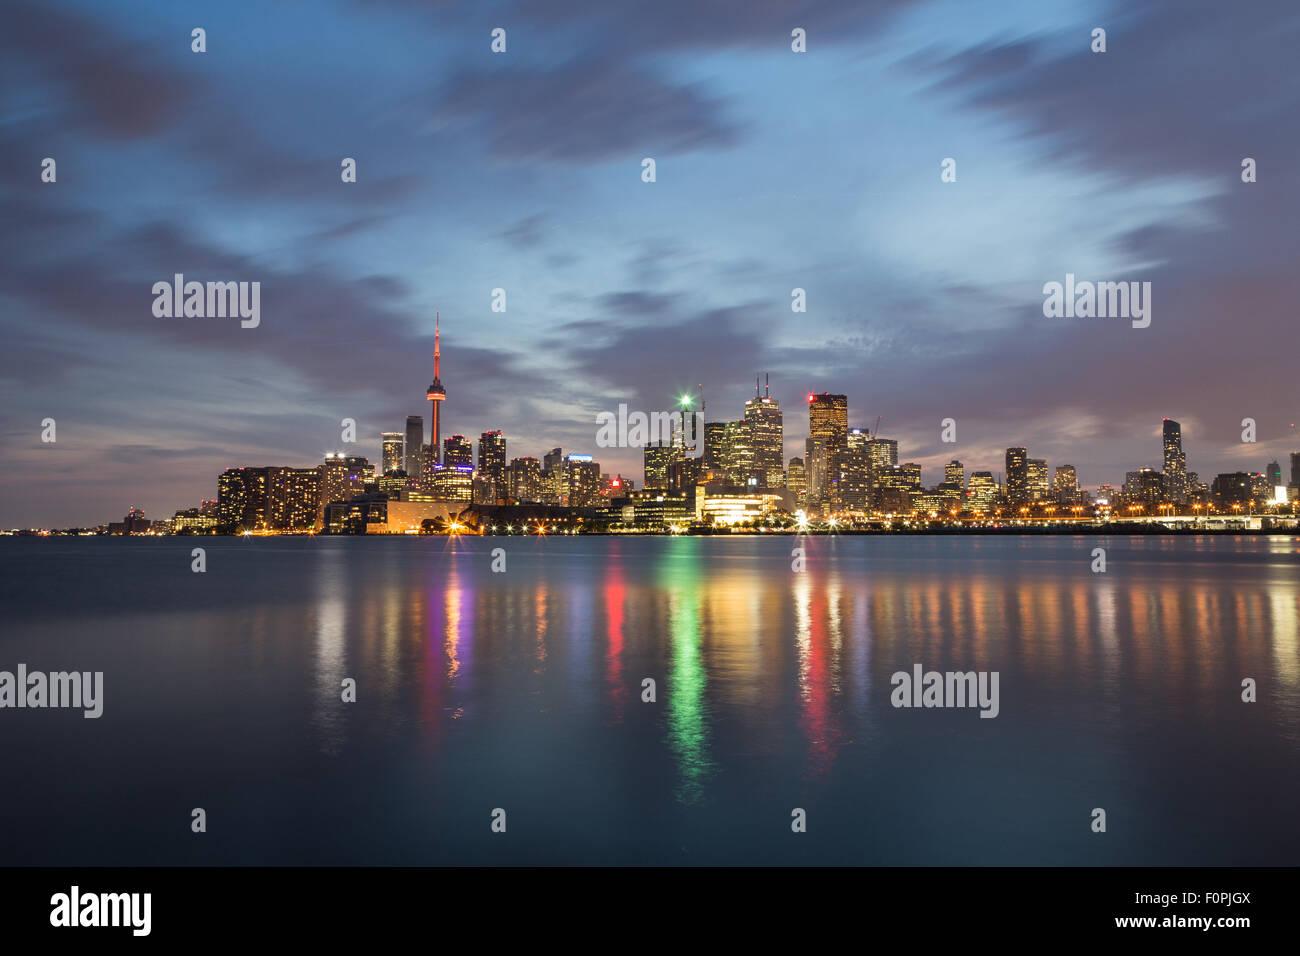 La ville de Toronto de nuit montrant les bâtiments et les reflets dans le lac Ontario Photo Stock